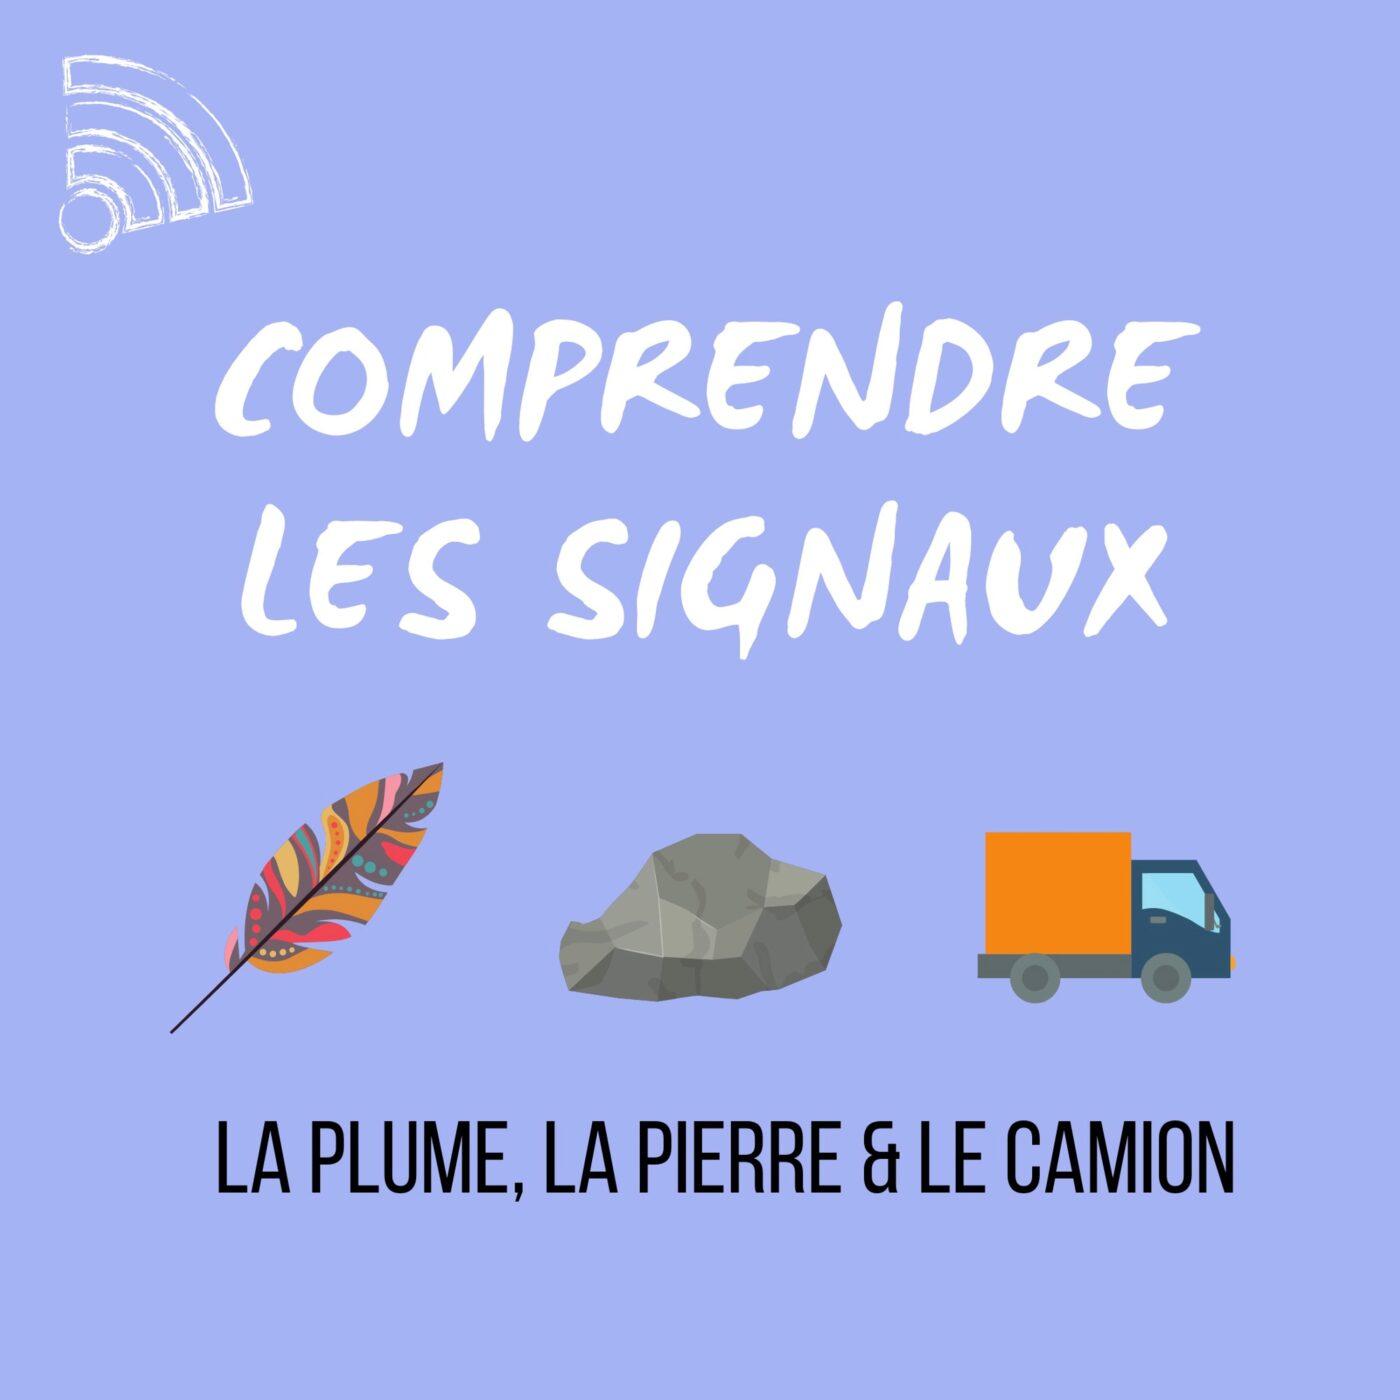 LA PLUME, LA PIERRE & LE CAMION : COMPRENDRE LES MALHEURS